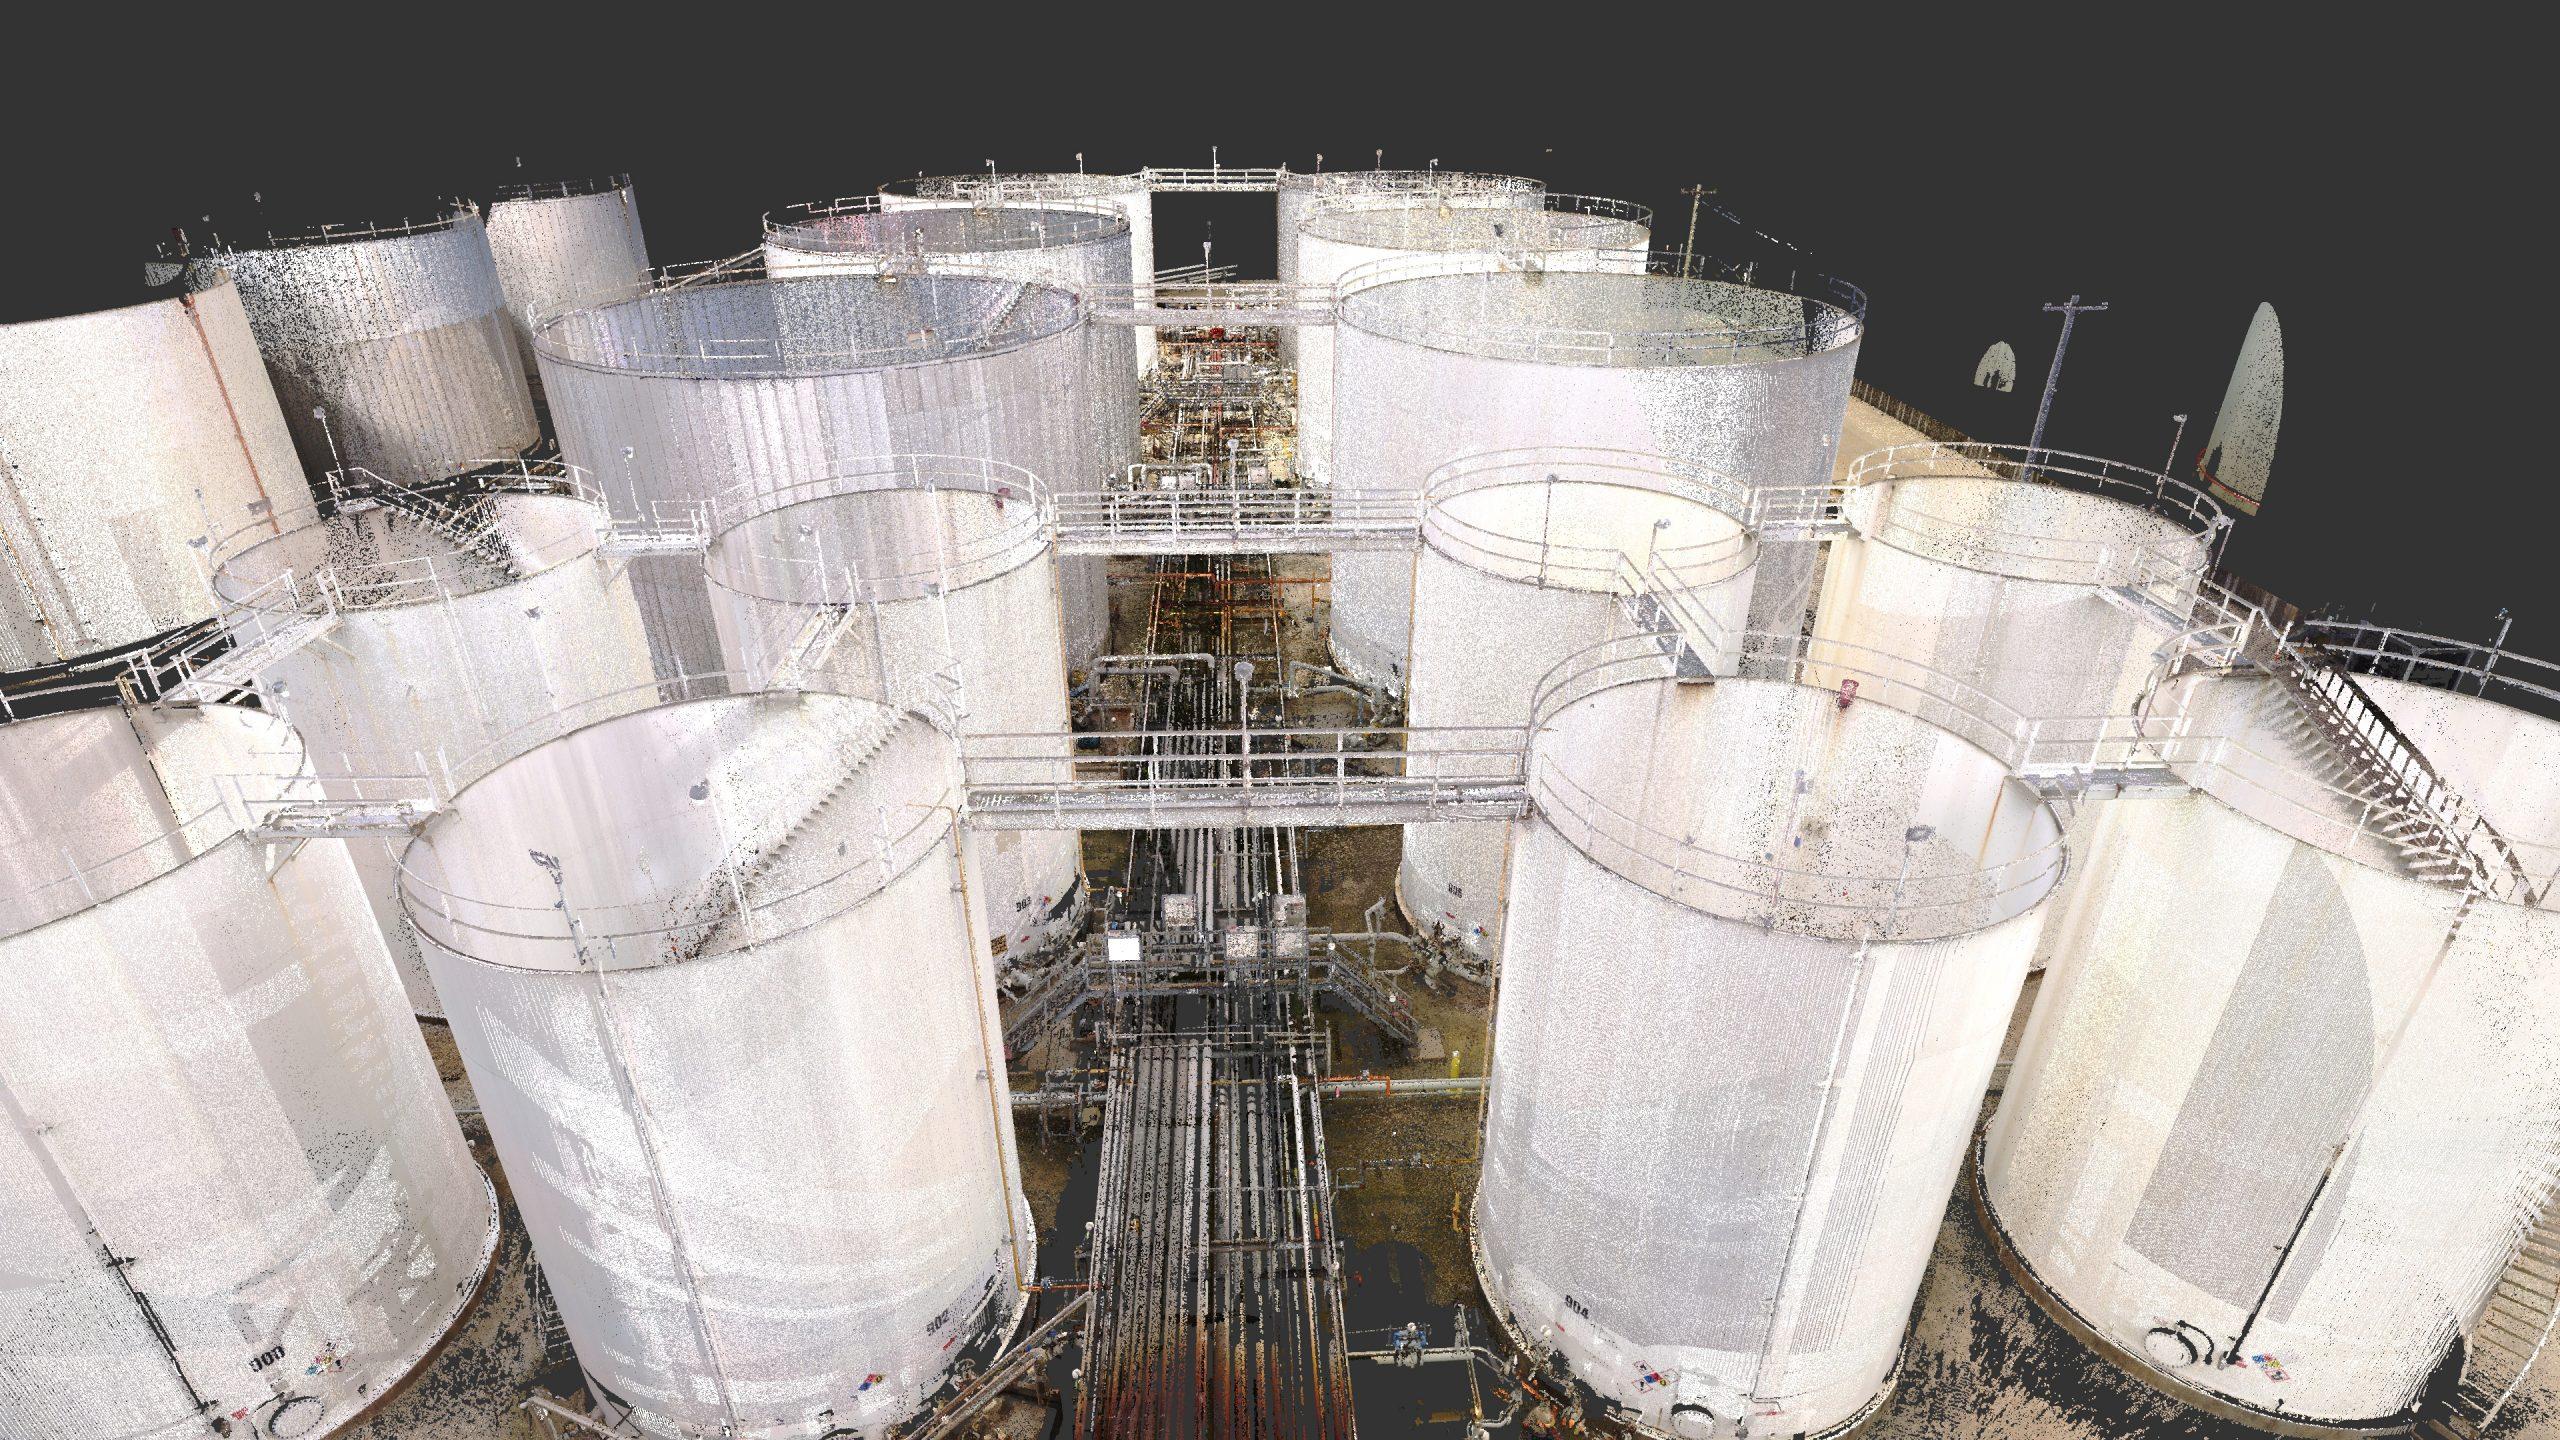 Point Cloud data of Oil Storage Bund